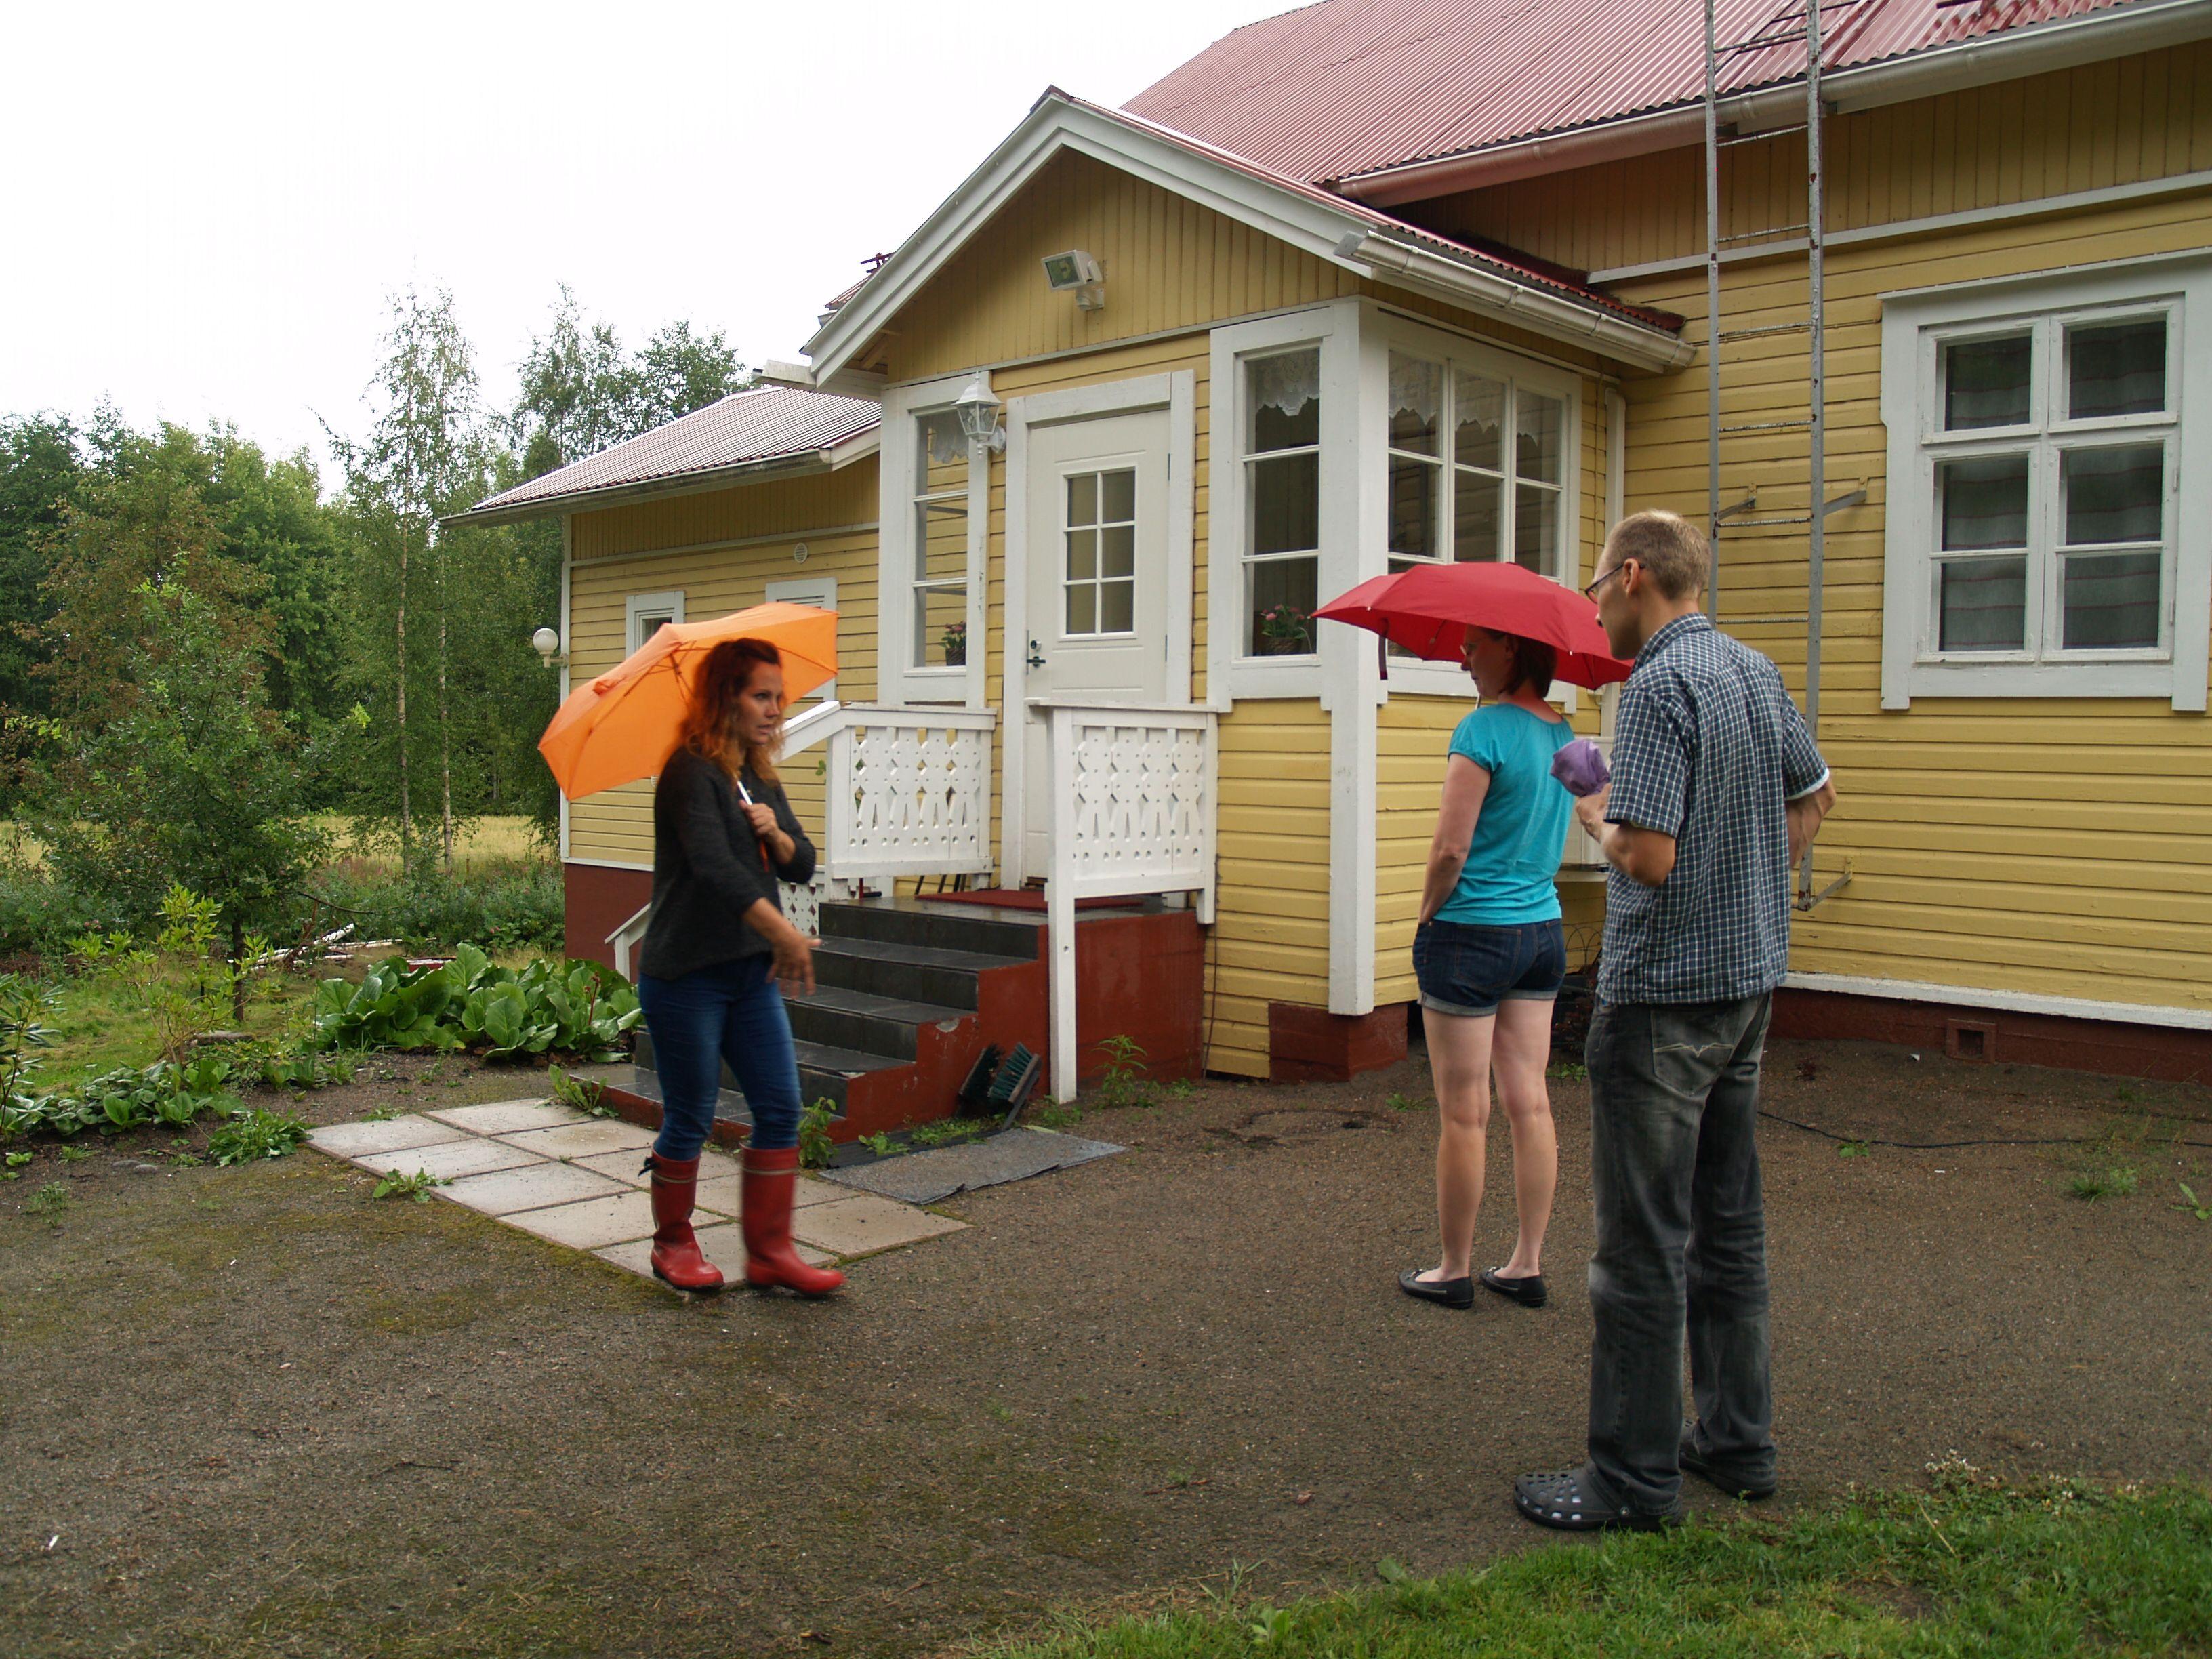 RudusPiha Facebook seurantakohde 2014. Ensimmäinen käynti pihalla. Tiina ja Petri kertovat toiveitaan maisemasuunnittelija Tanja Niemiselle. http://www.rudus.fi/pihakivet